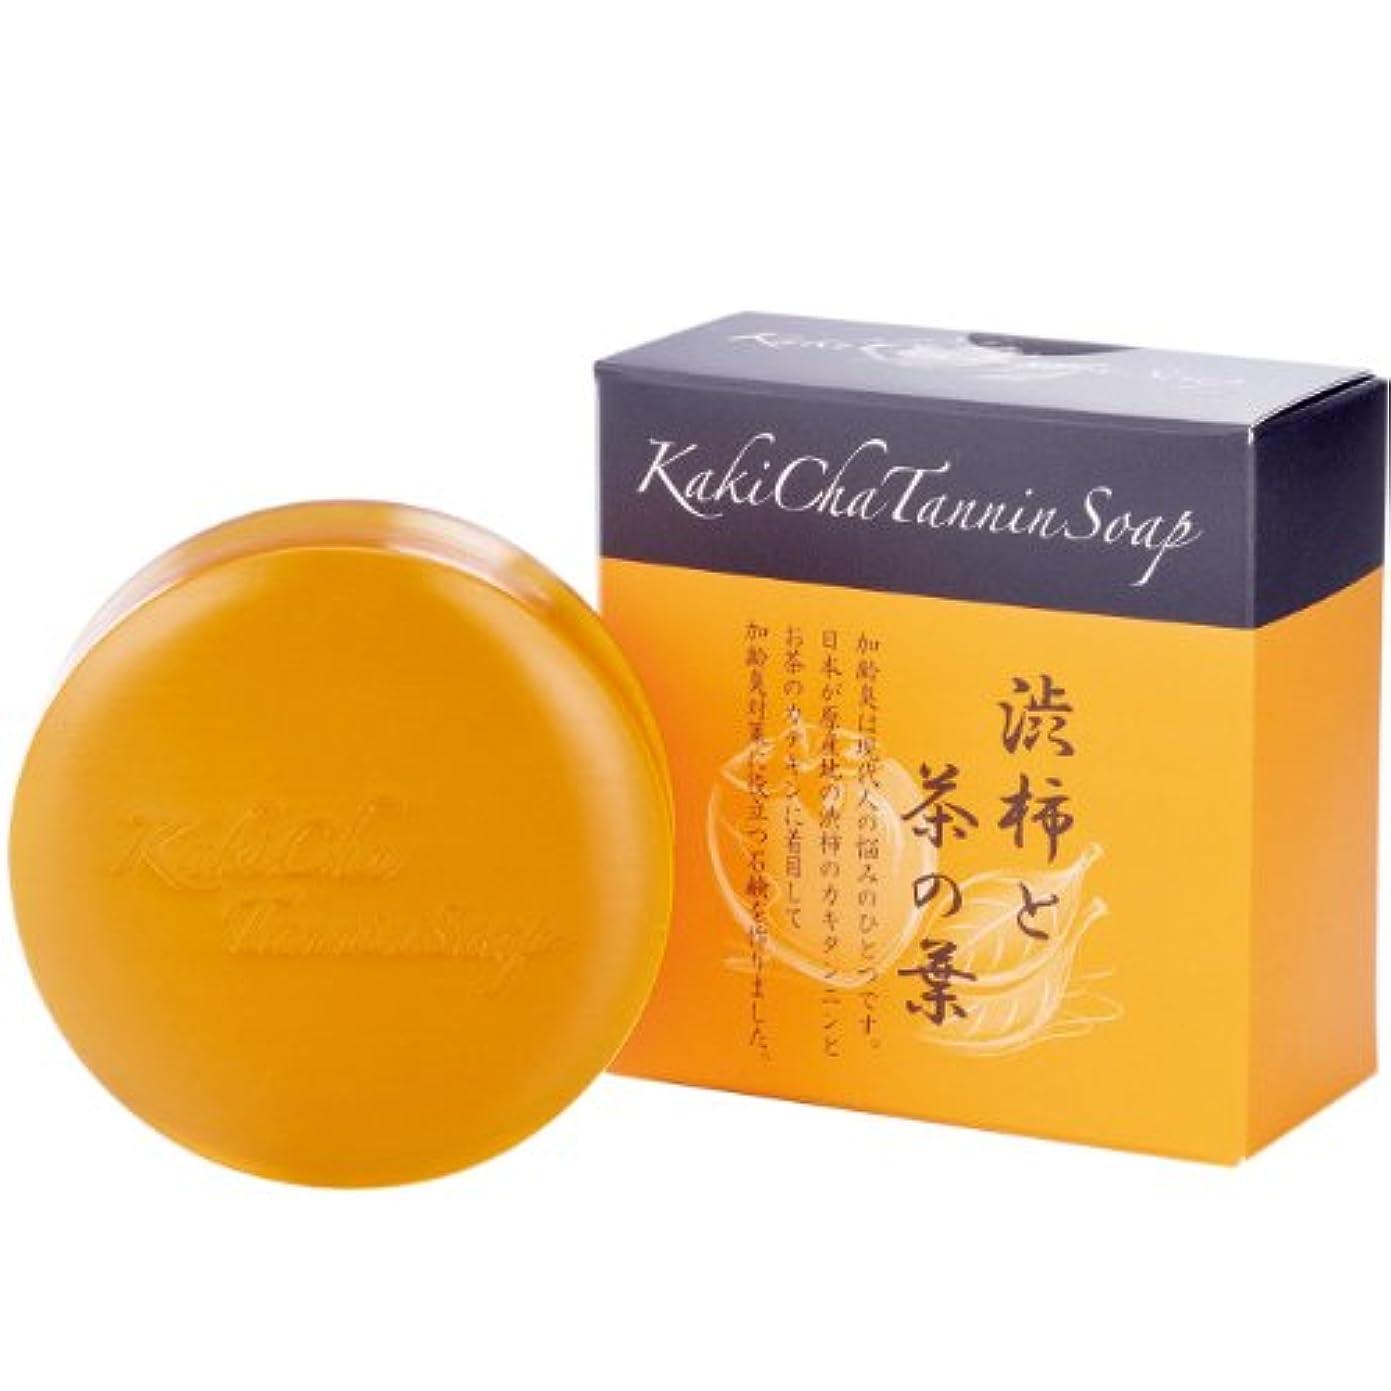 溶融規定確かにリフレ 柿茶タンニンソープ <35023>